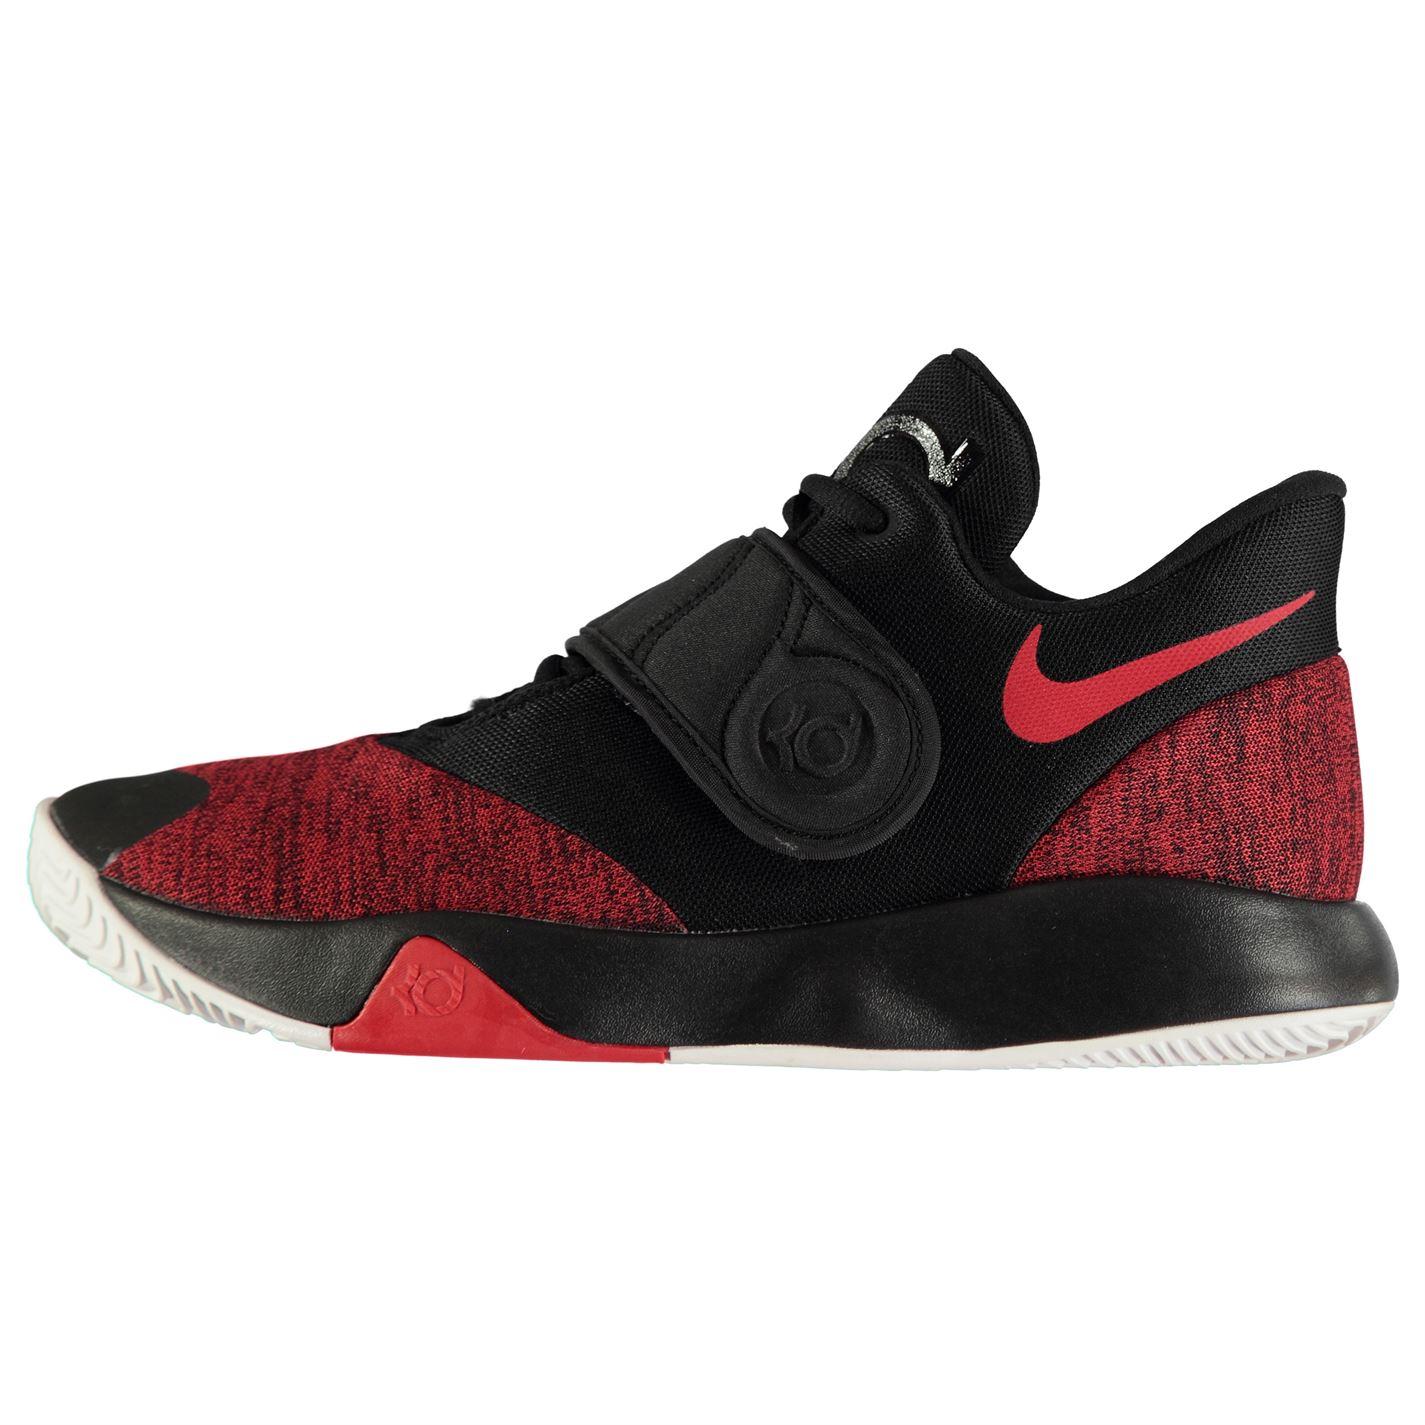 Nike KD Trey 5 pánské basketbalové boty Black Red - Glami.cz fee54b5f232